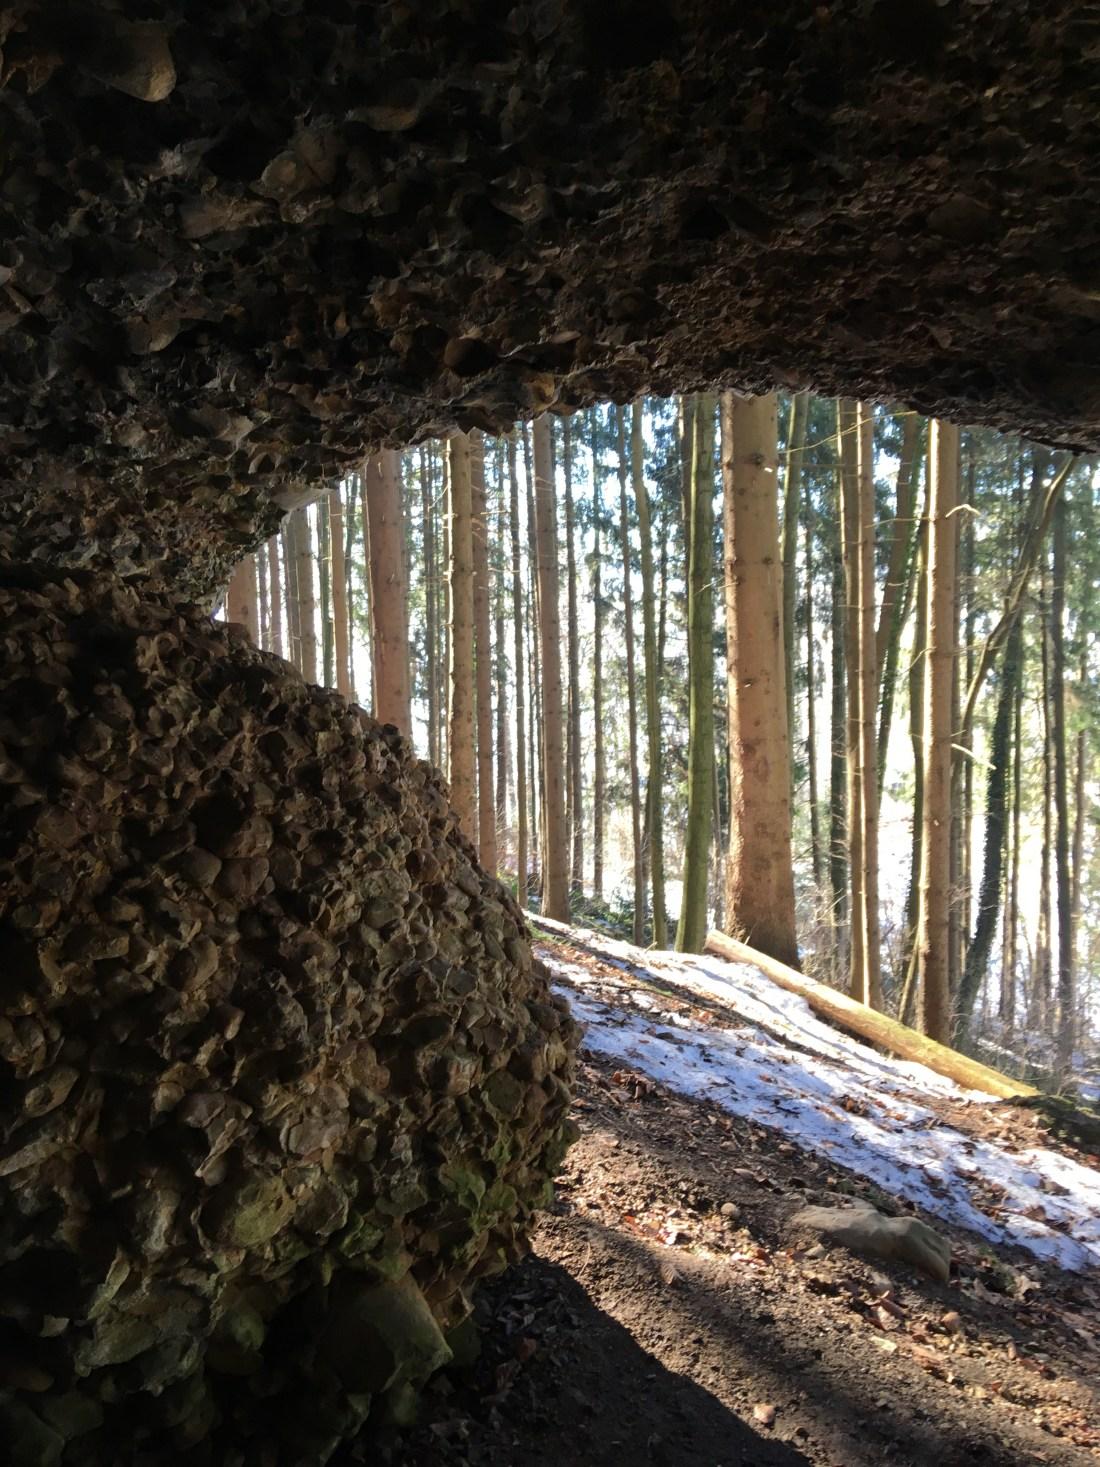 Wandern mit Kindern in Vorarlberg, gebhardsberg, oberes känzele, hausberg bregenz, rheindelta, wunderschöner ausblick, bester ausblick in vorarlberg, inspiration wandern mit kindern, bärenhöhle